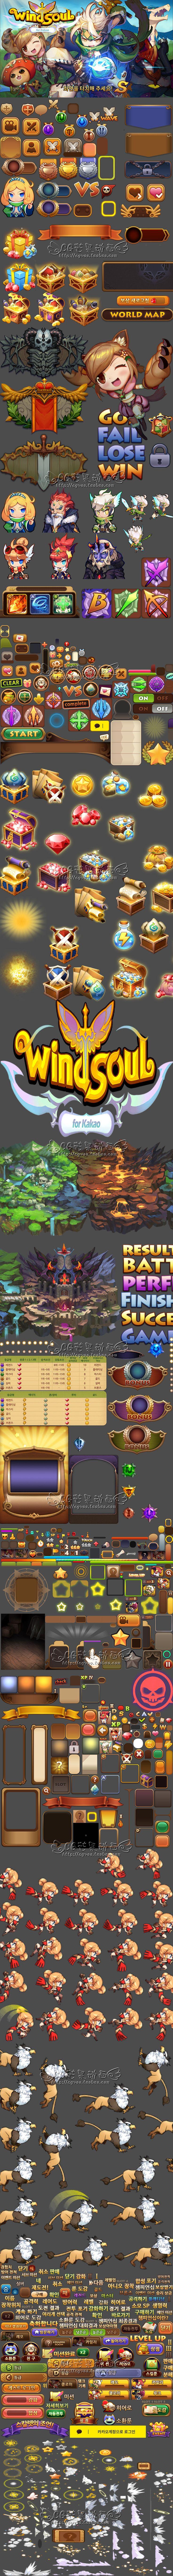 #Game design #UI #App